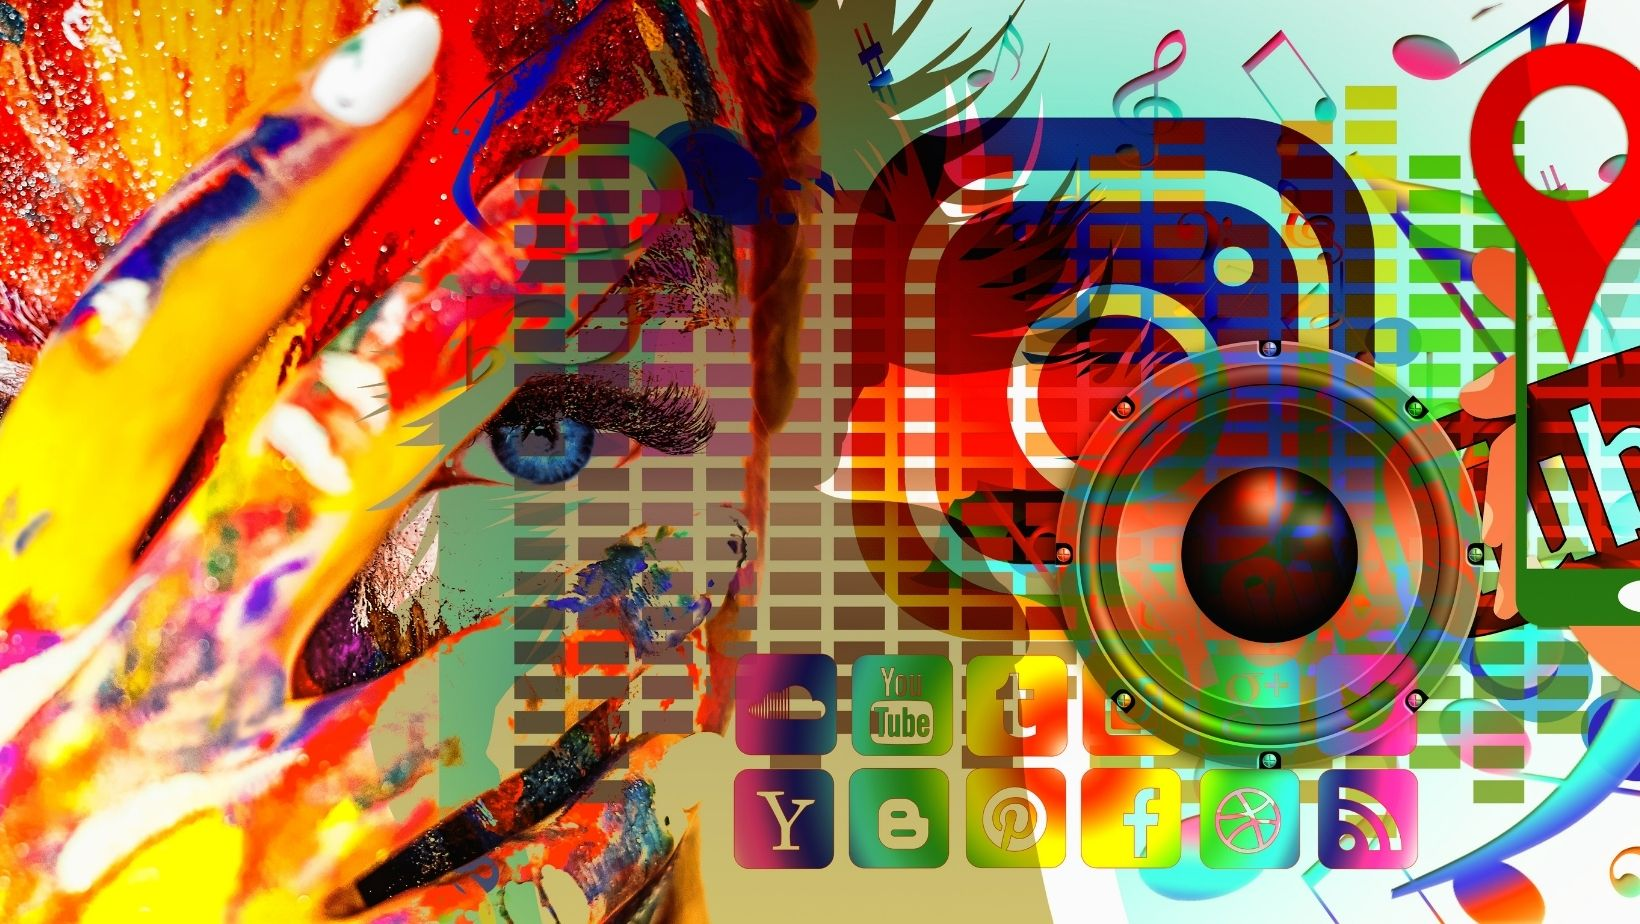 7 herramientas imprescindibles para redes sociales